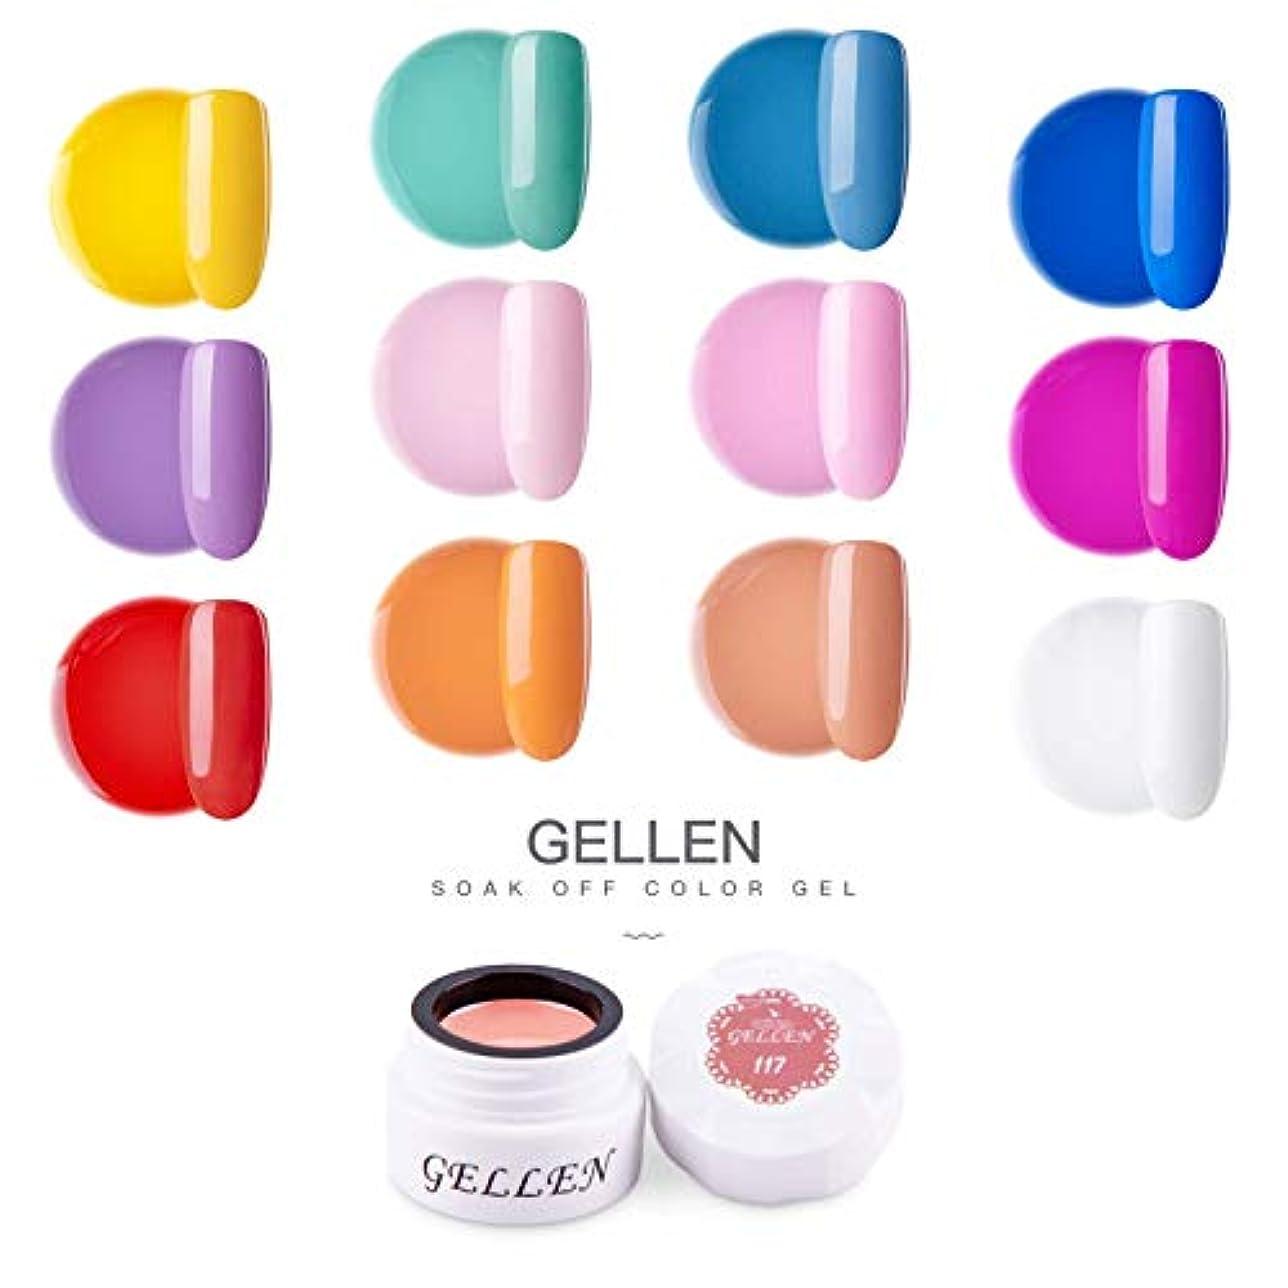 支出現代火山学者Gellen カラージェル 12色 セット[ポップカラー シリーズ]高品質 5g ジェルネイル カラー ネイルブラシ付き